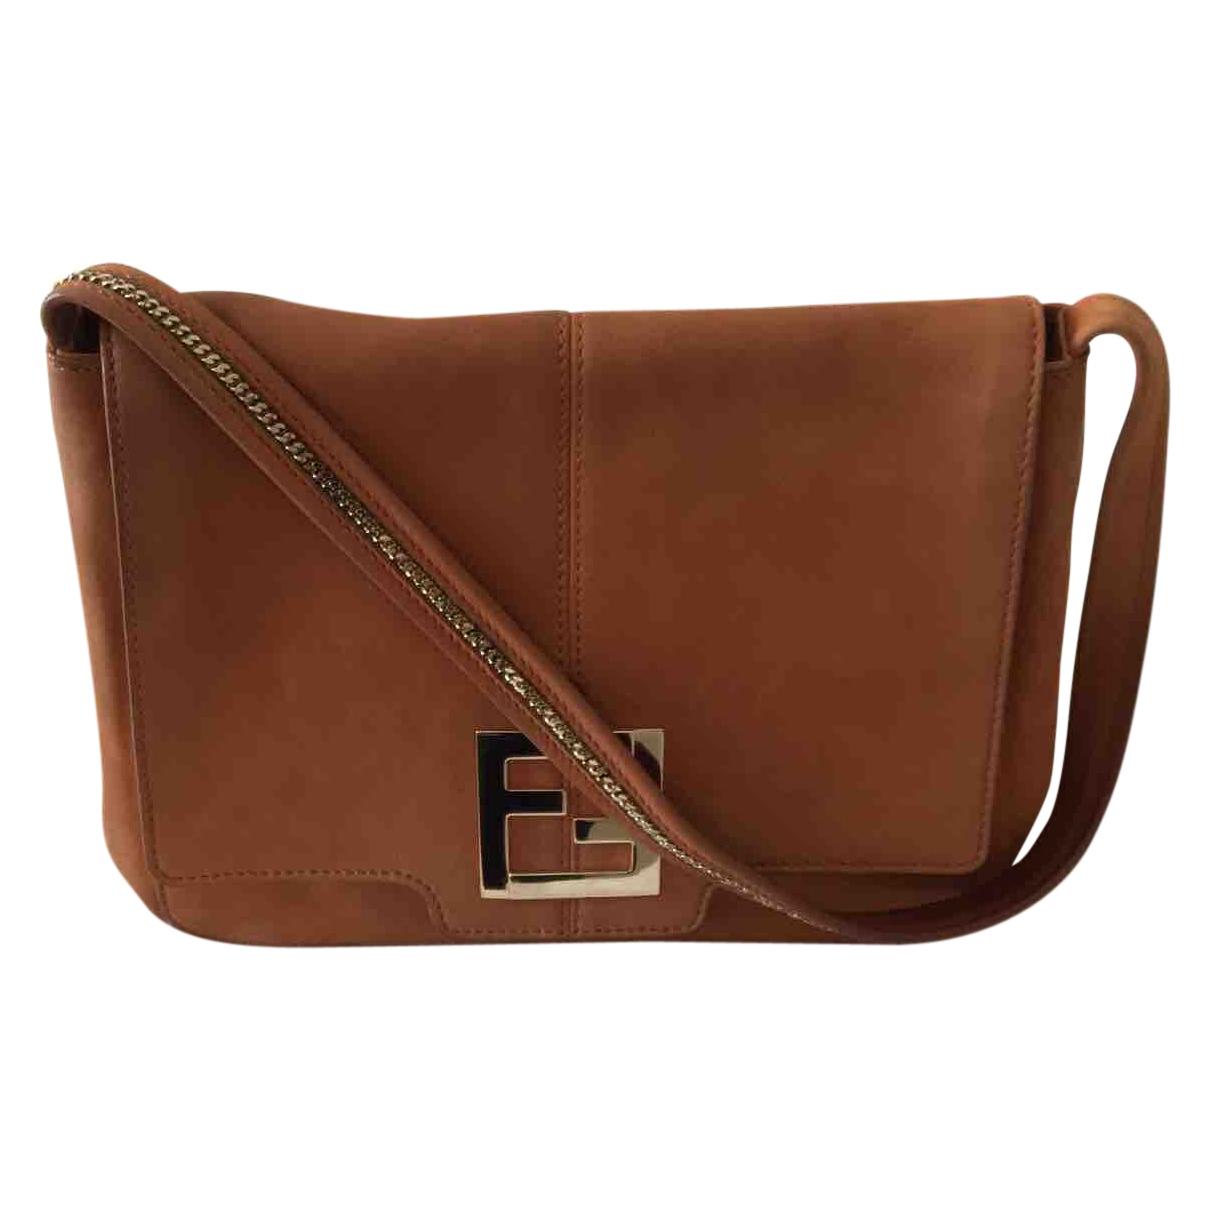 Fendi \N Handtasche in  Kamel Veloursleder